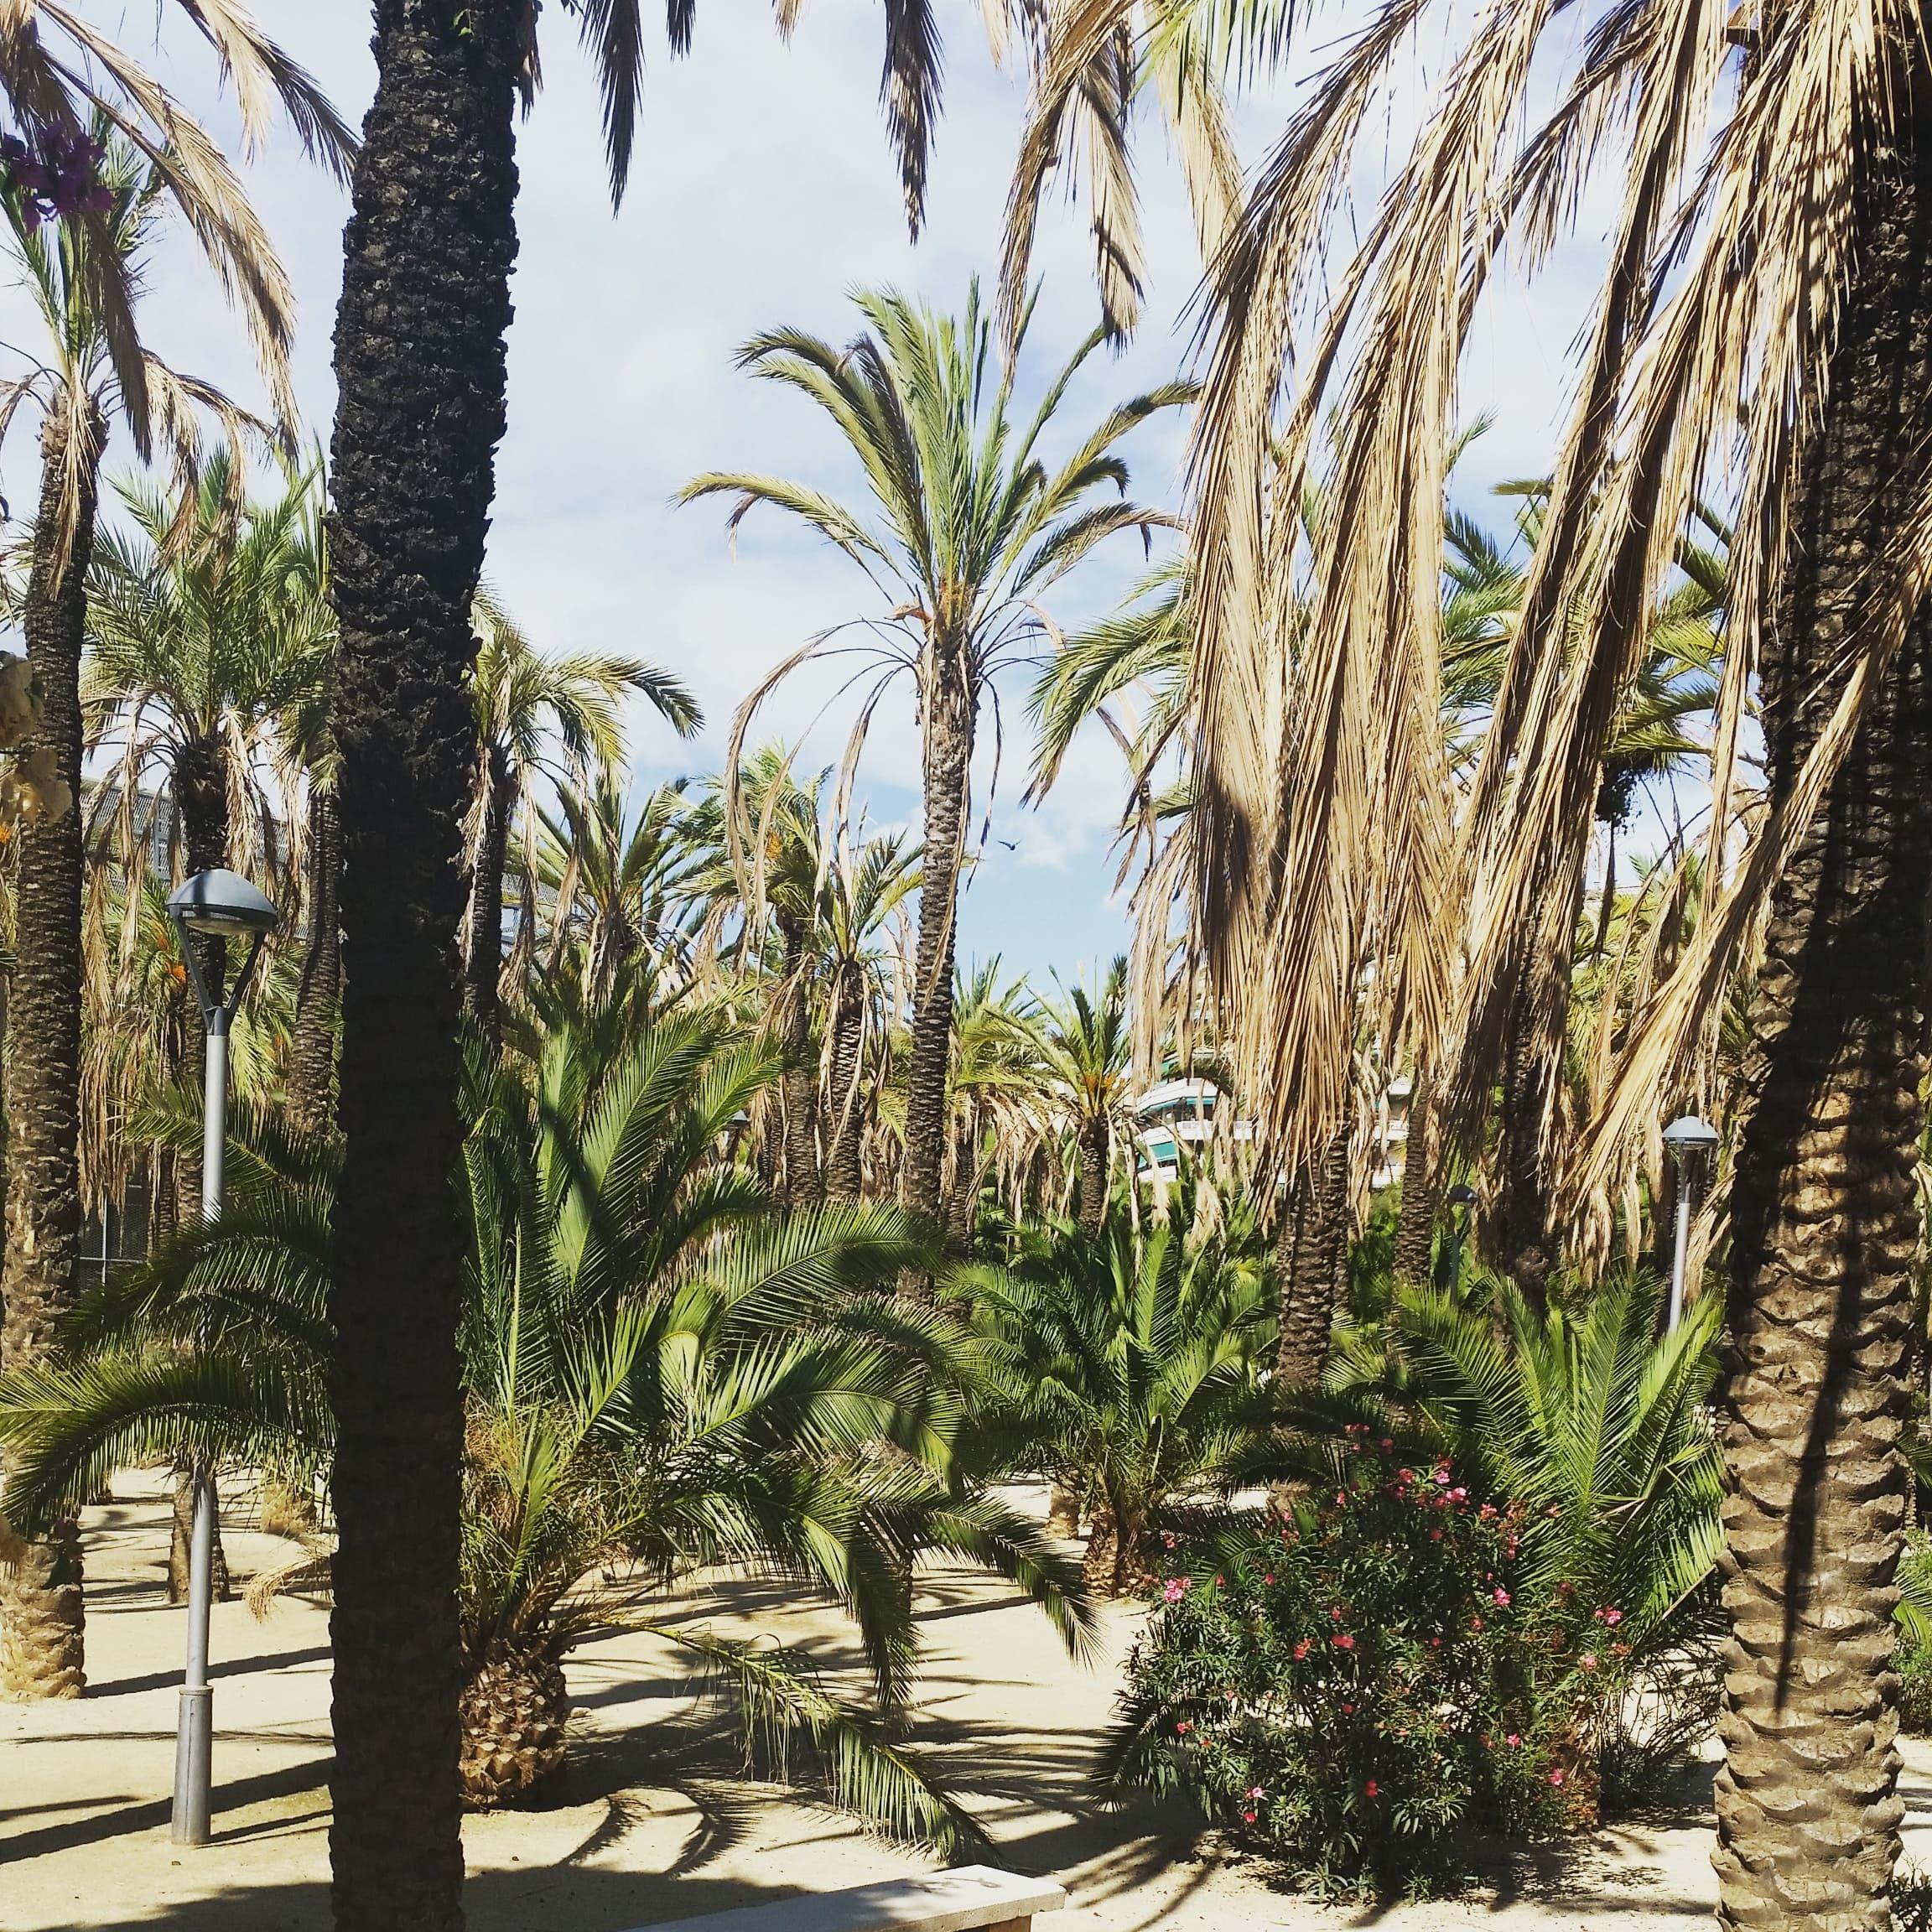 Parque de Joan Miró, Barcelona